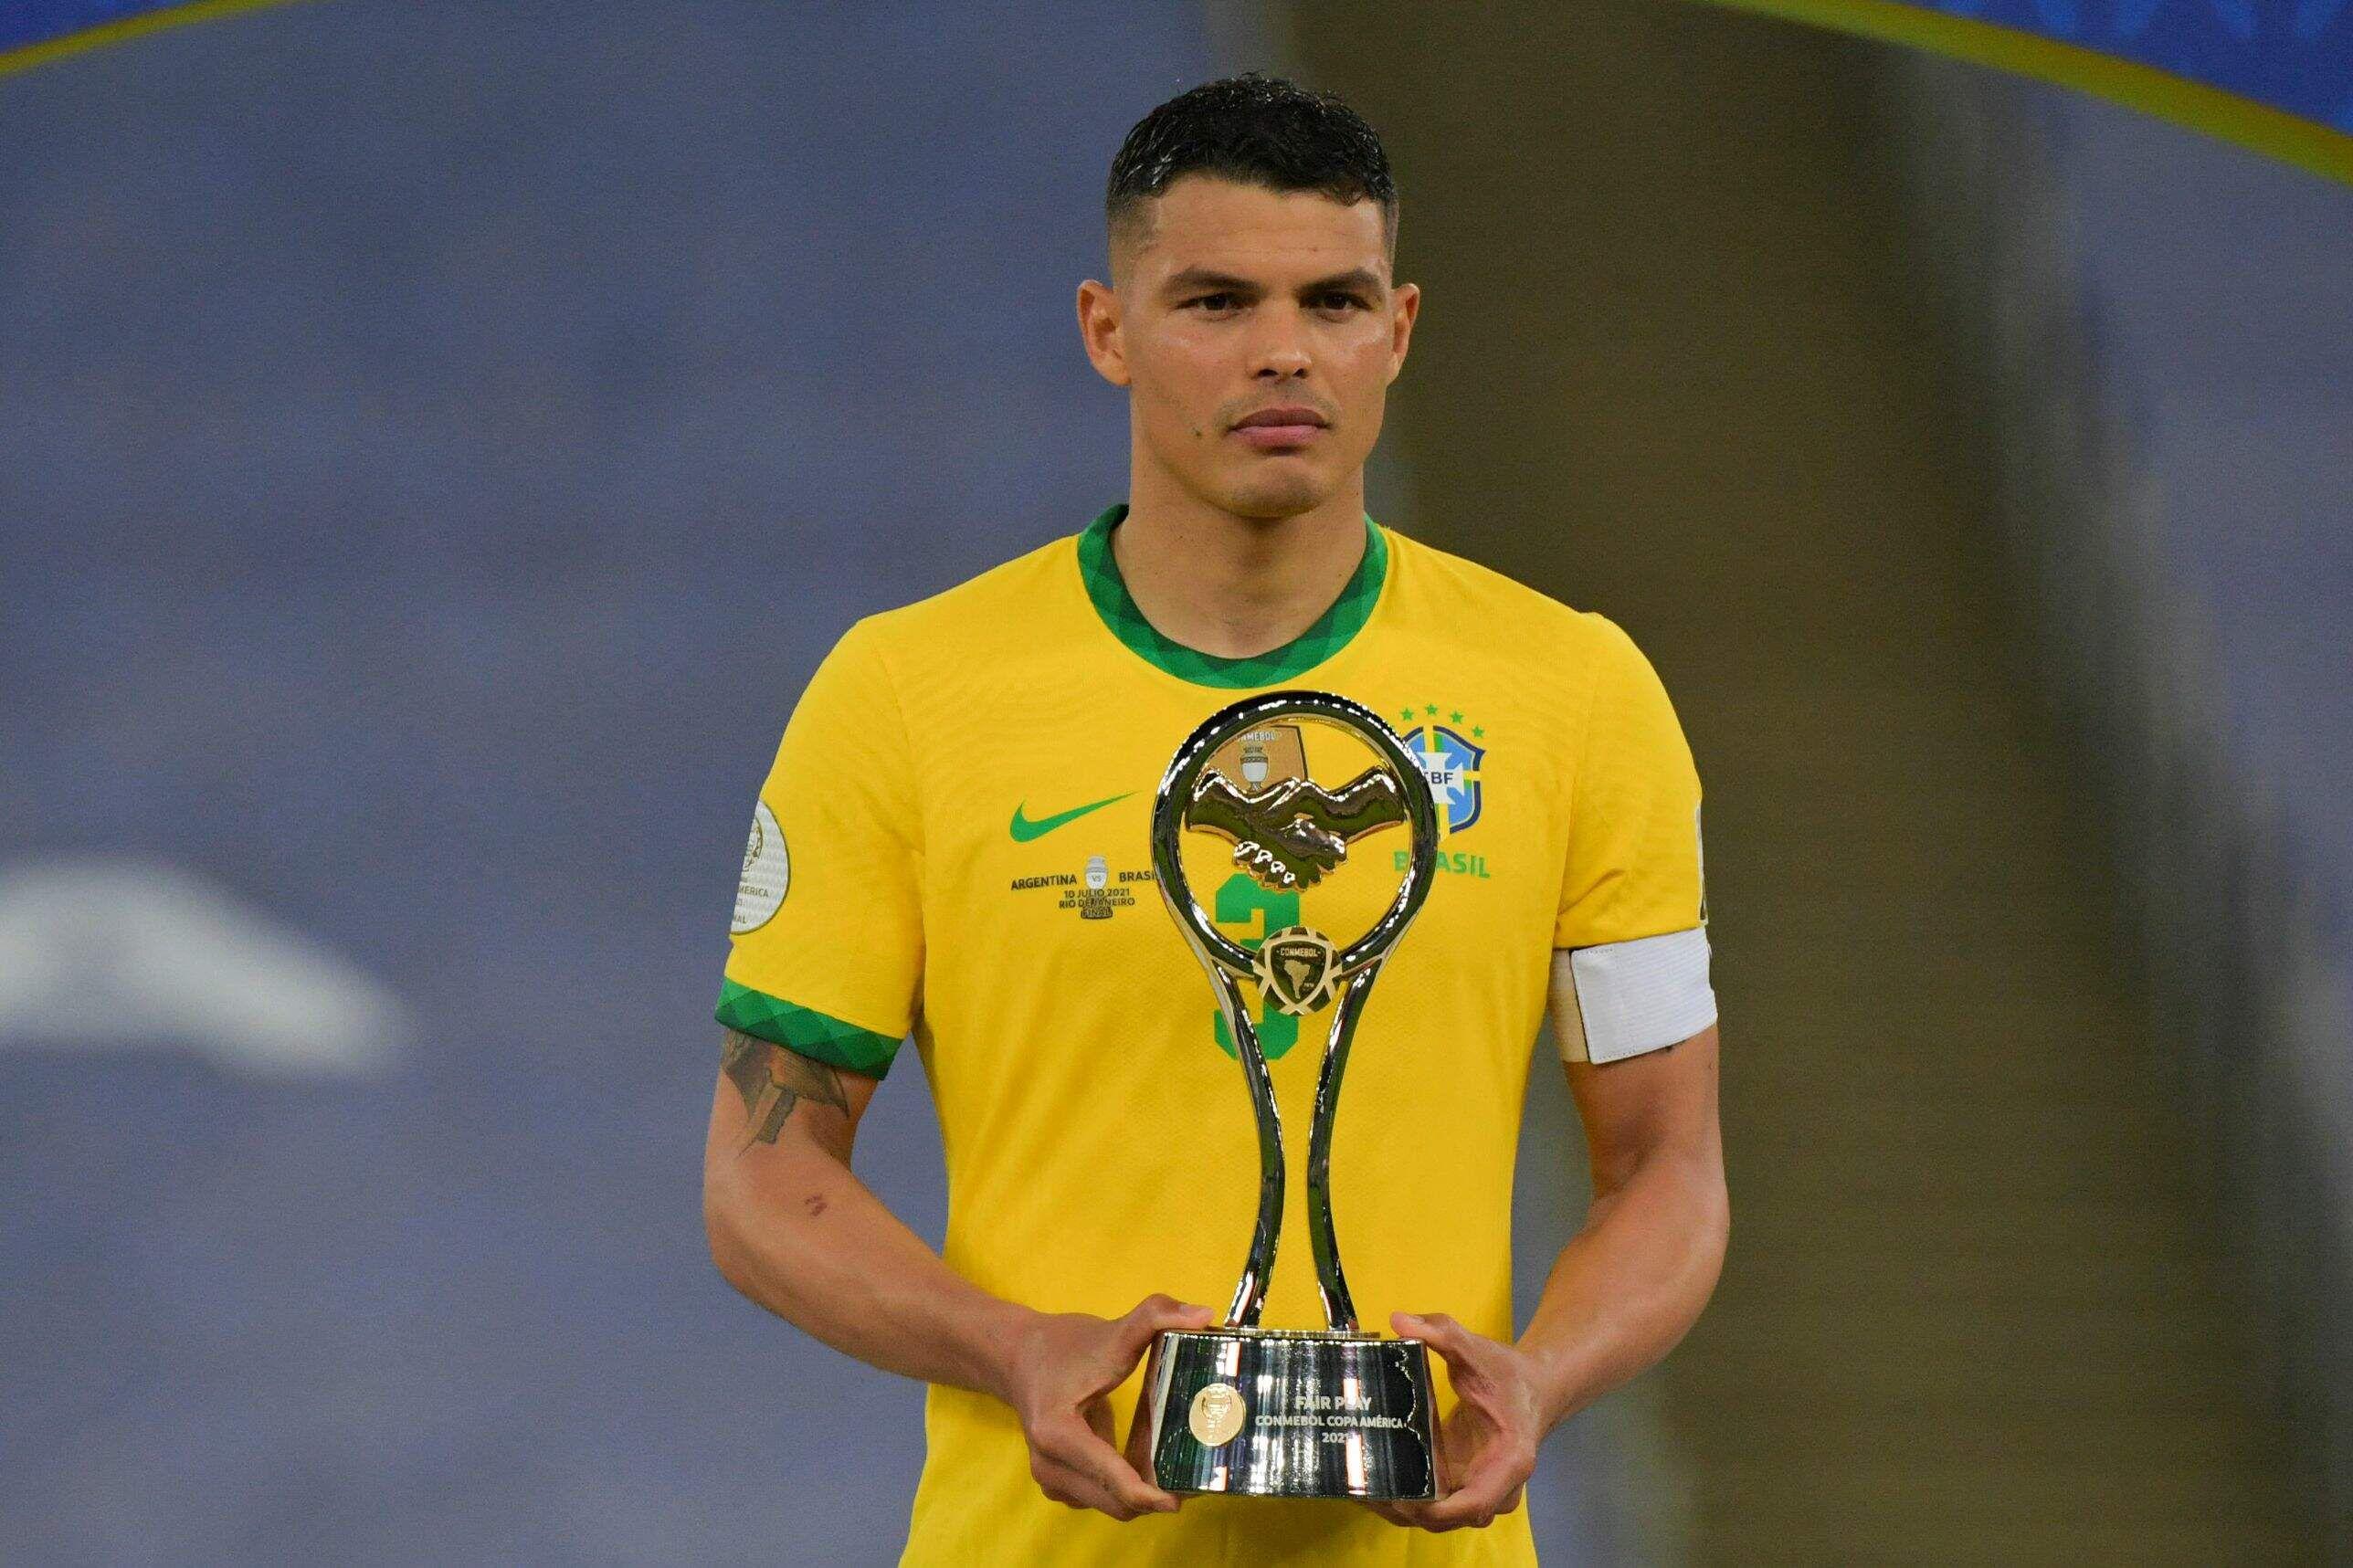 Thiago Silva, capitán de Brasil, recibió el trofeo Fair Play (Juego Limpio) que premia a la selección con mejor conducta en el campeonato (equipo que recibió menos tarjetas amarillas y rojas)